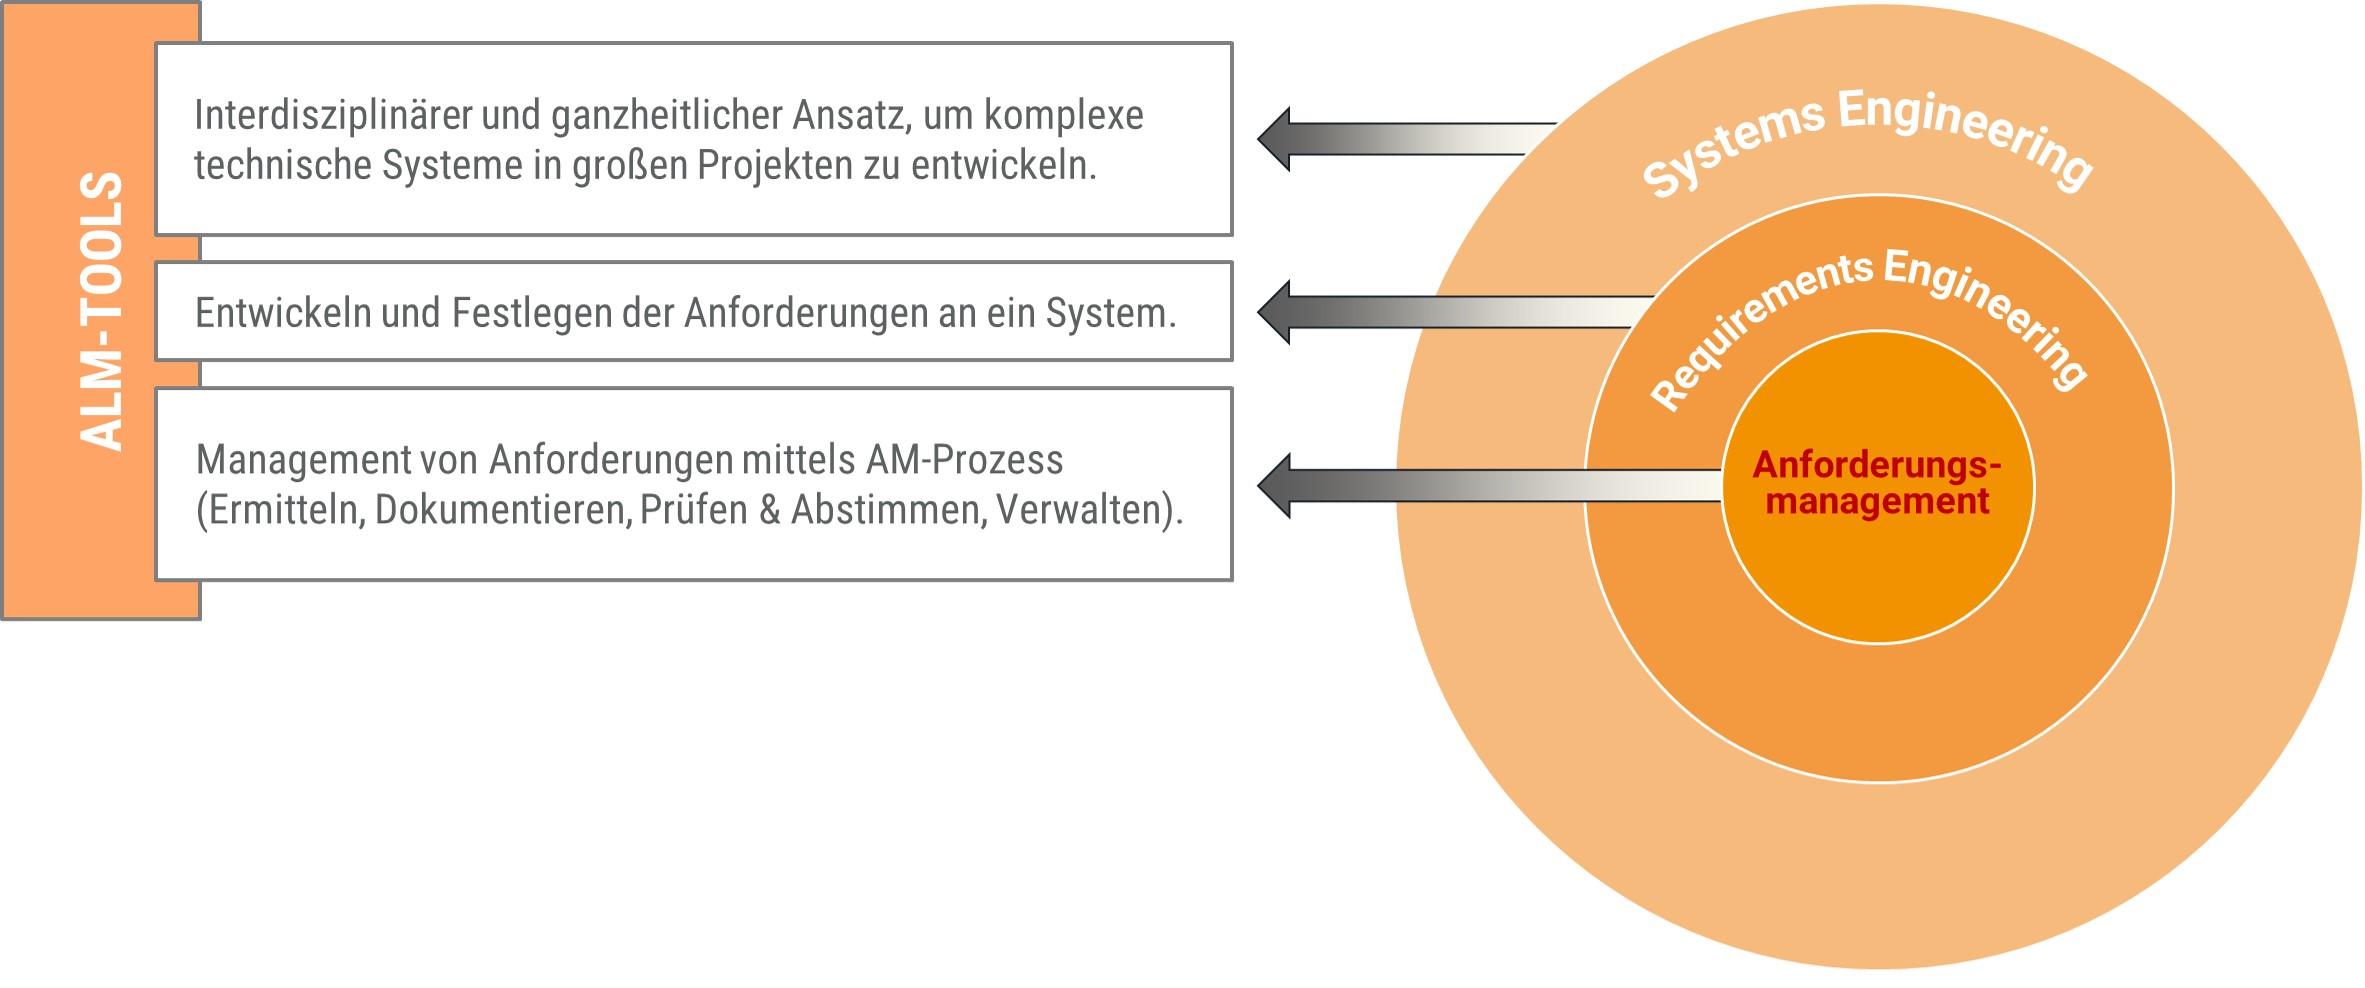 Systems_Engineering_Requirements_Engineering_Anforderungsmanagement_Losch_und_Partner_GmbH_Muenchen_August_2020